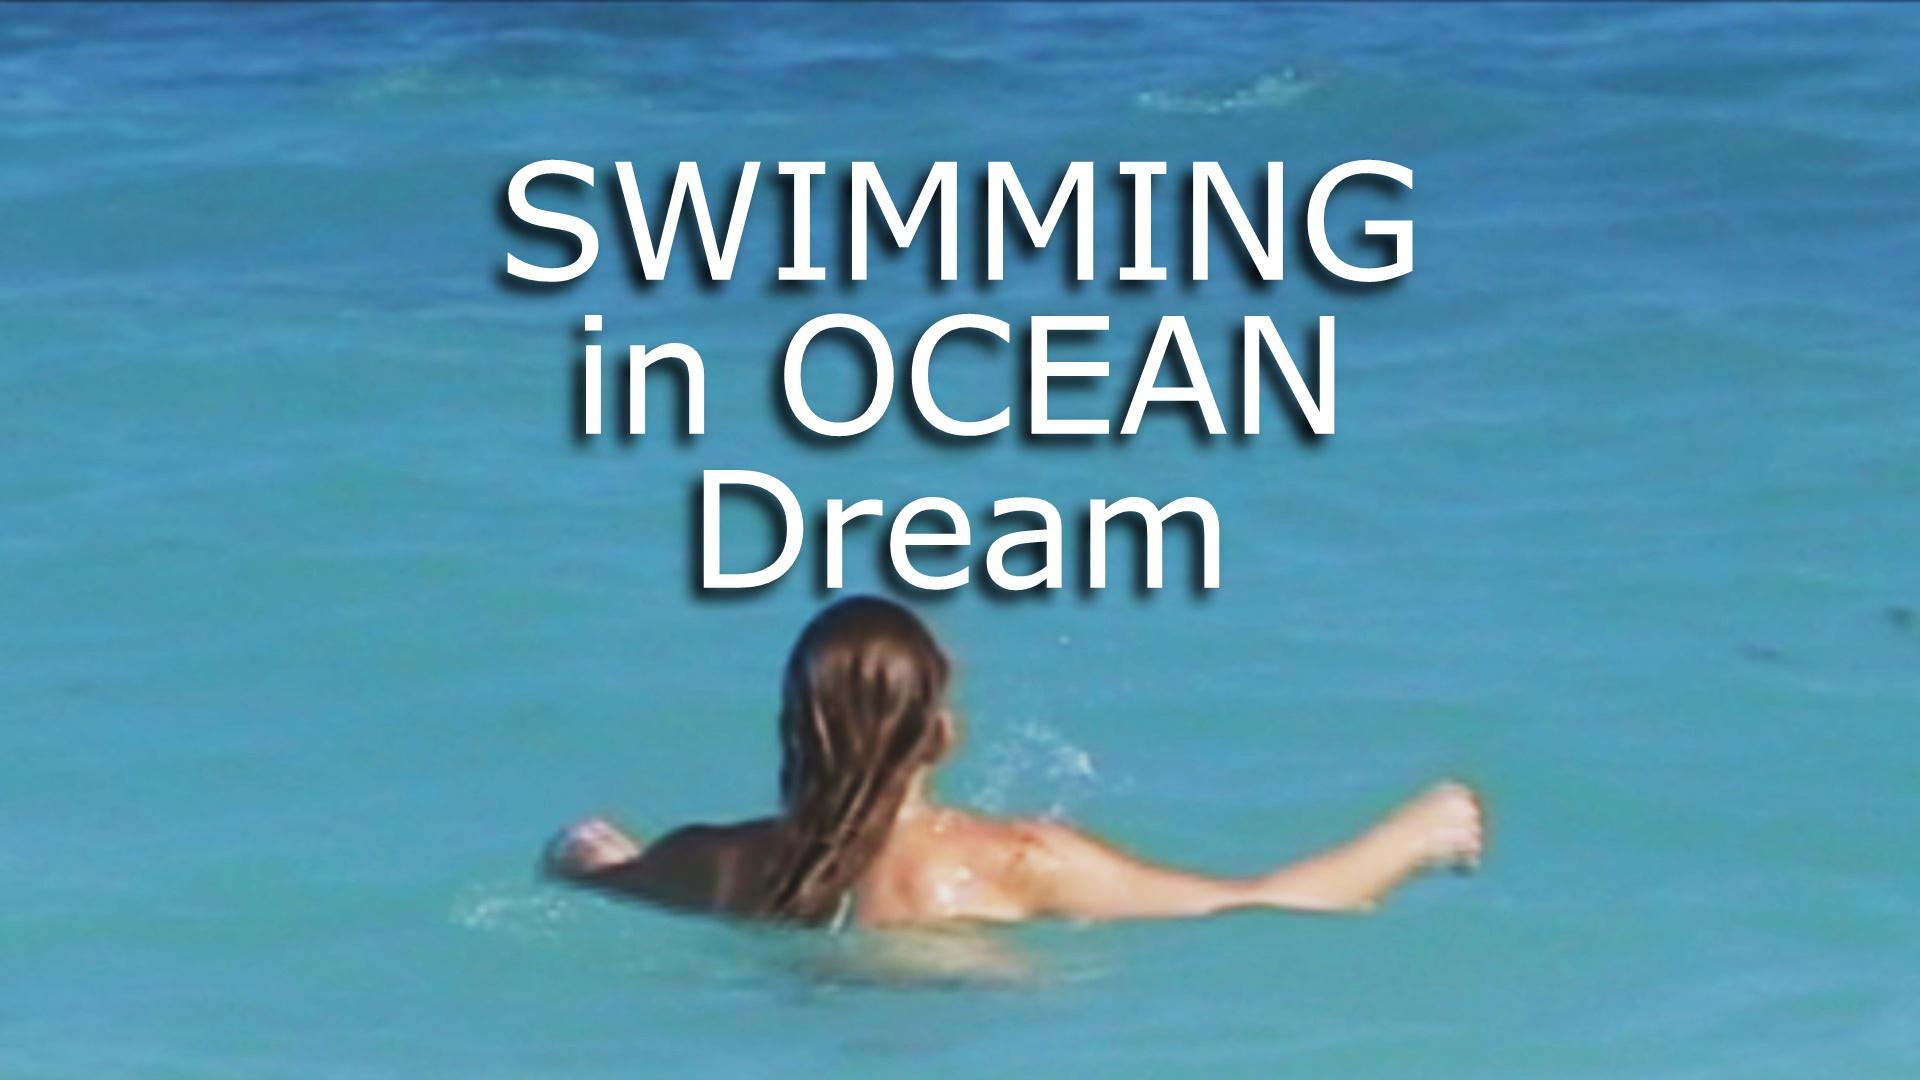 dream of swimming in deep ocean